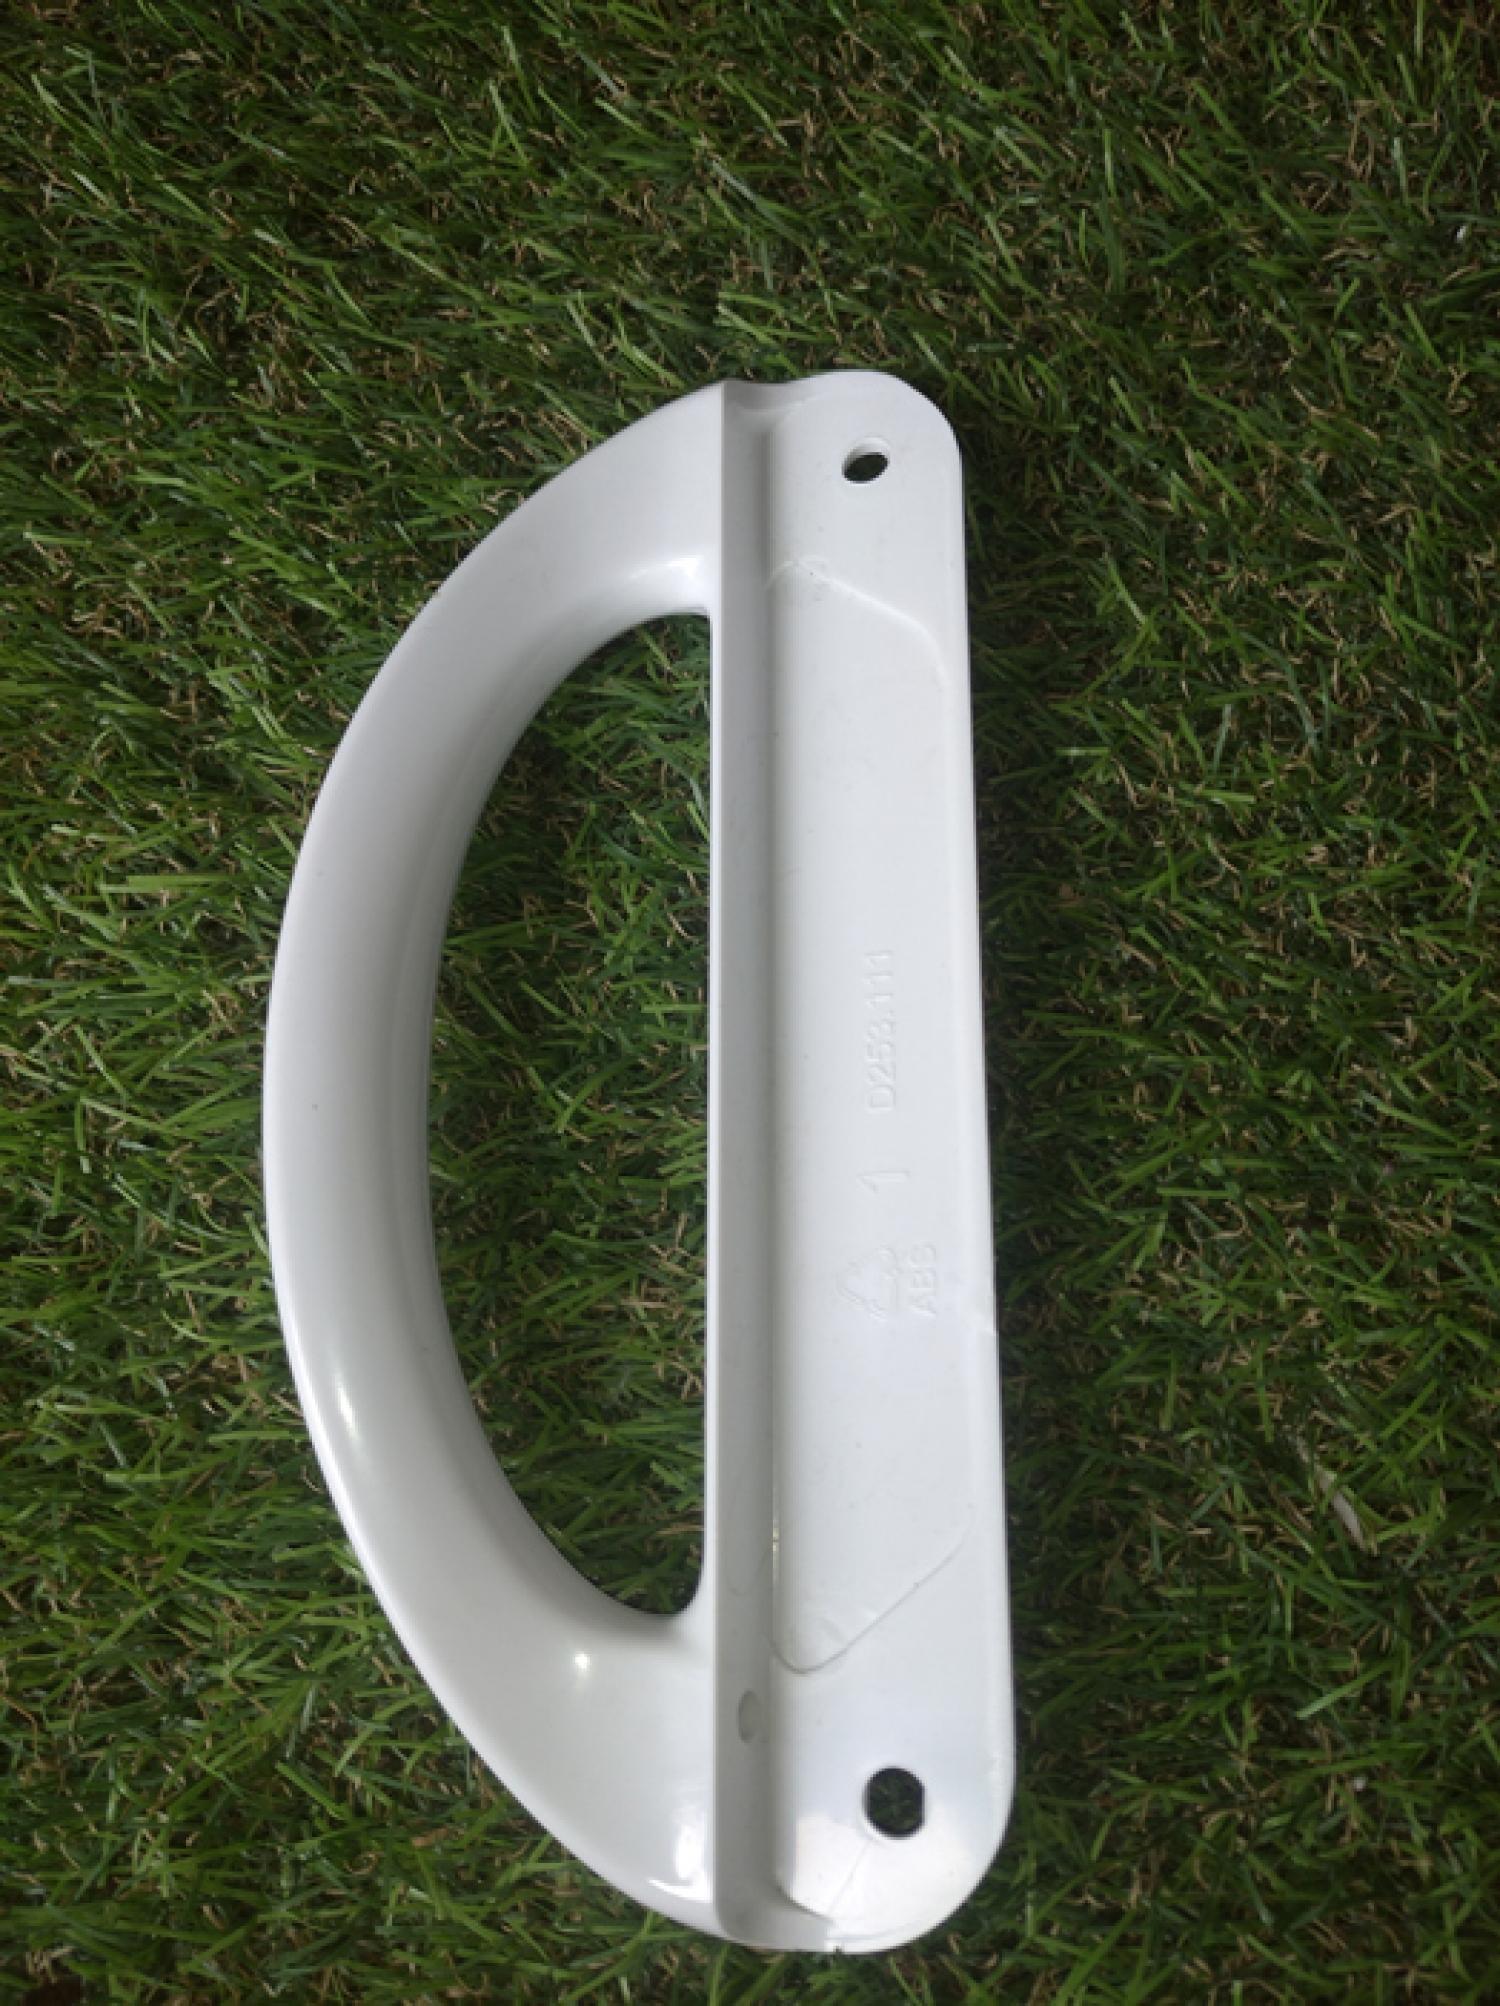 Ручка Snaige для холодильника RF310, RF315, RF360 размер 18,2см. D253.111